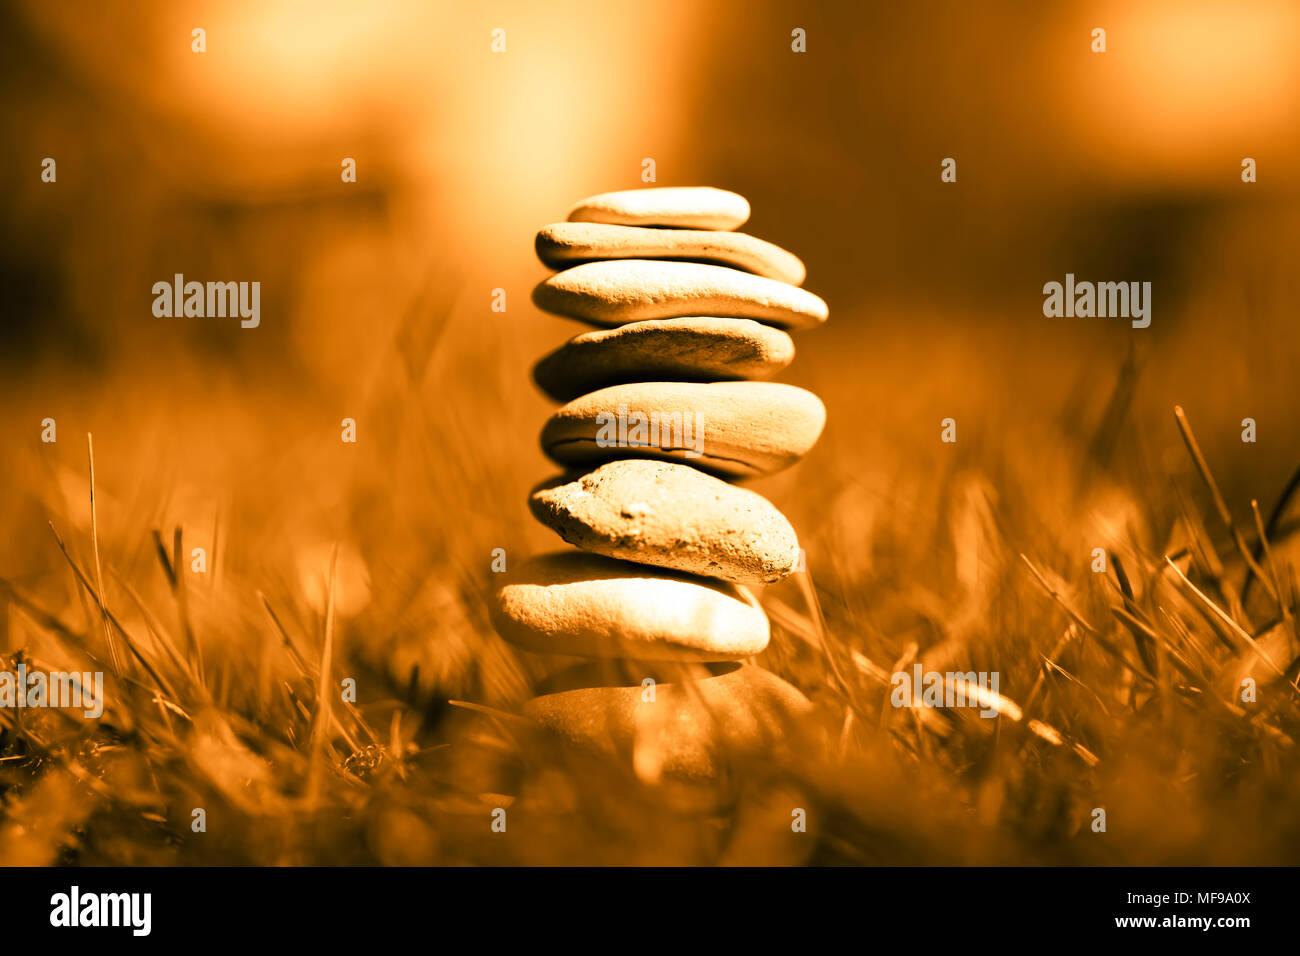 Des pierres empilées, l'harmonie, l'équilibre Banque D'Images